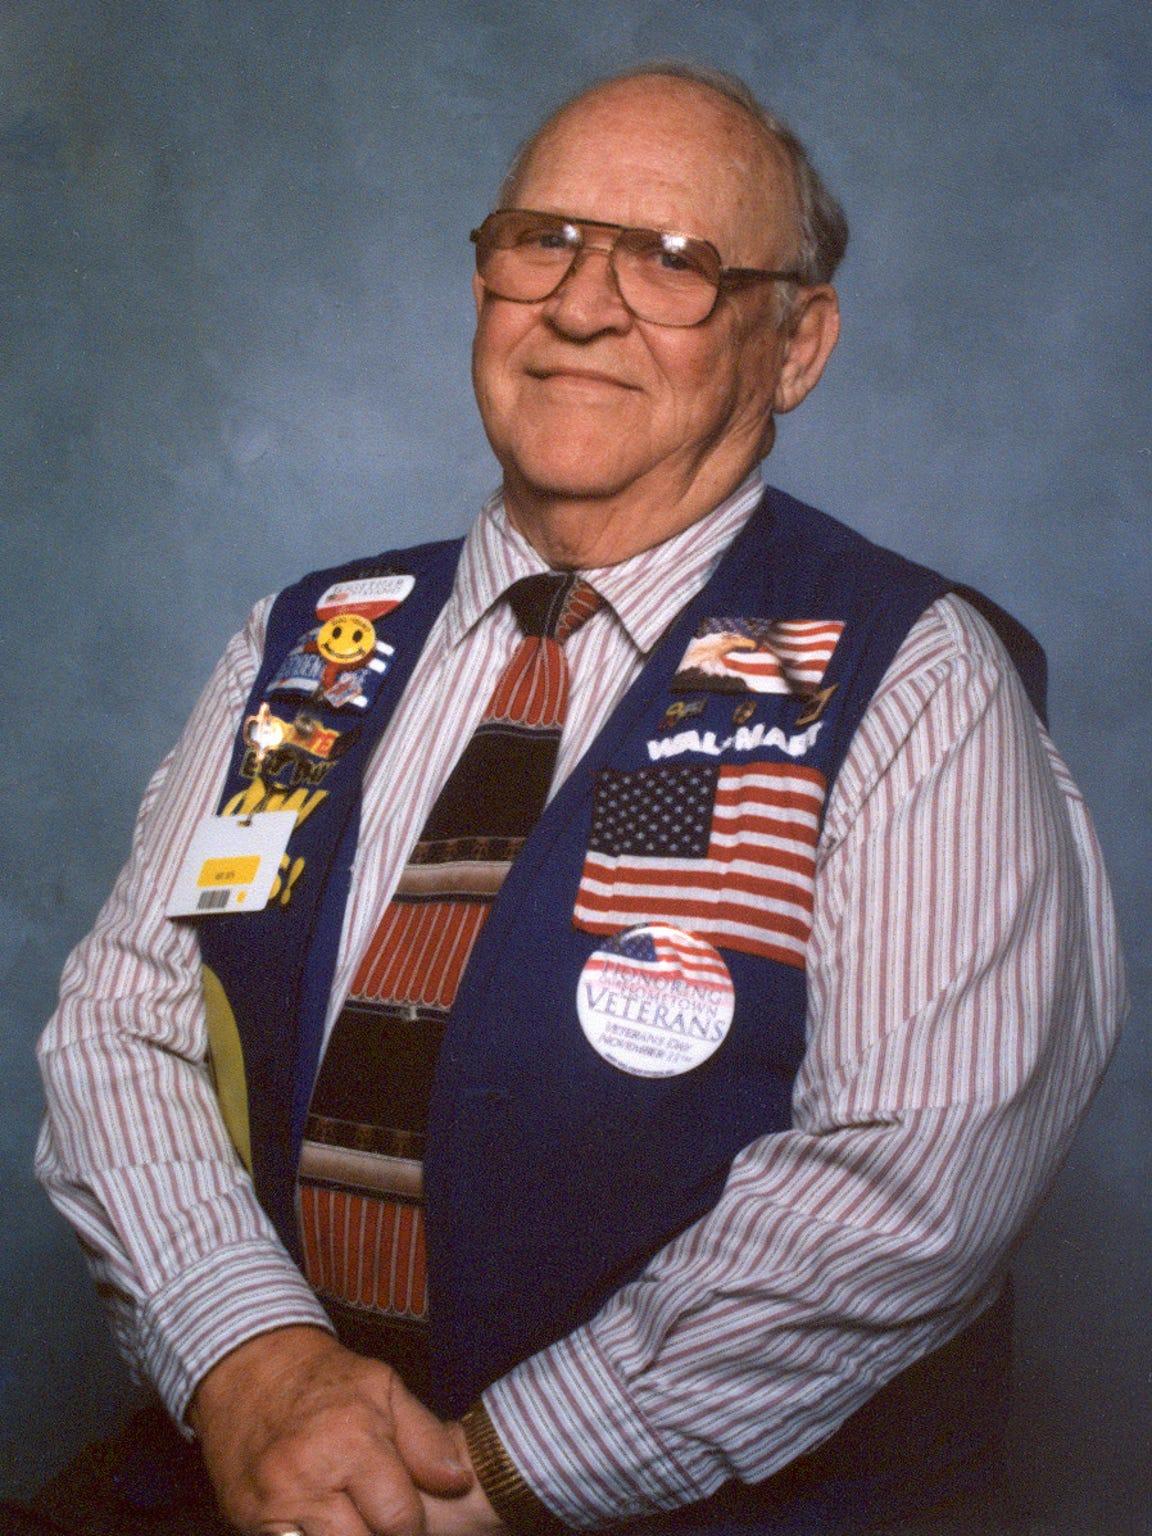 Harry W. Smith